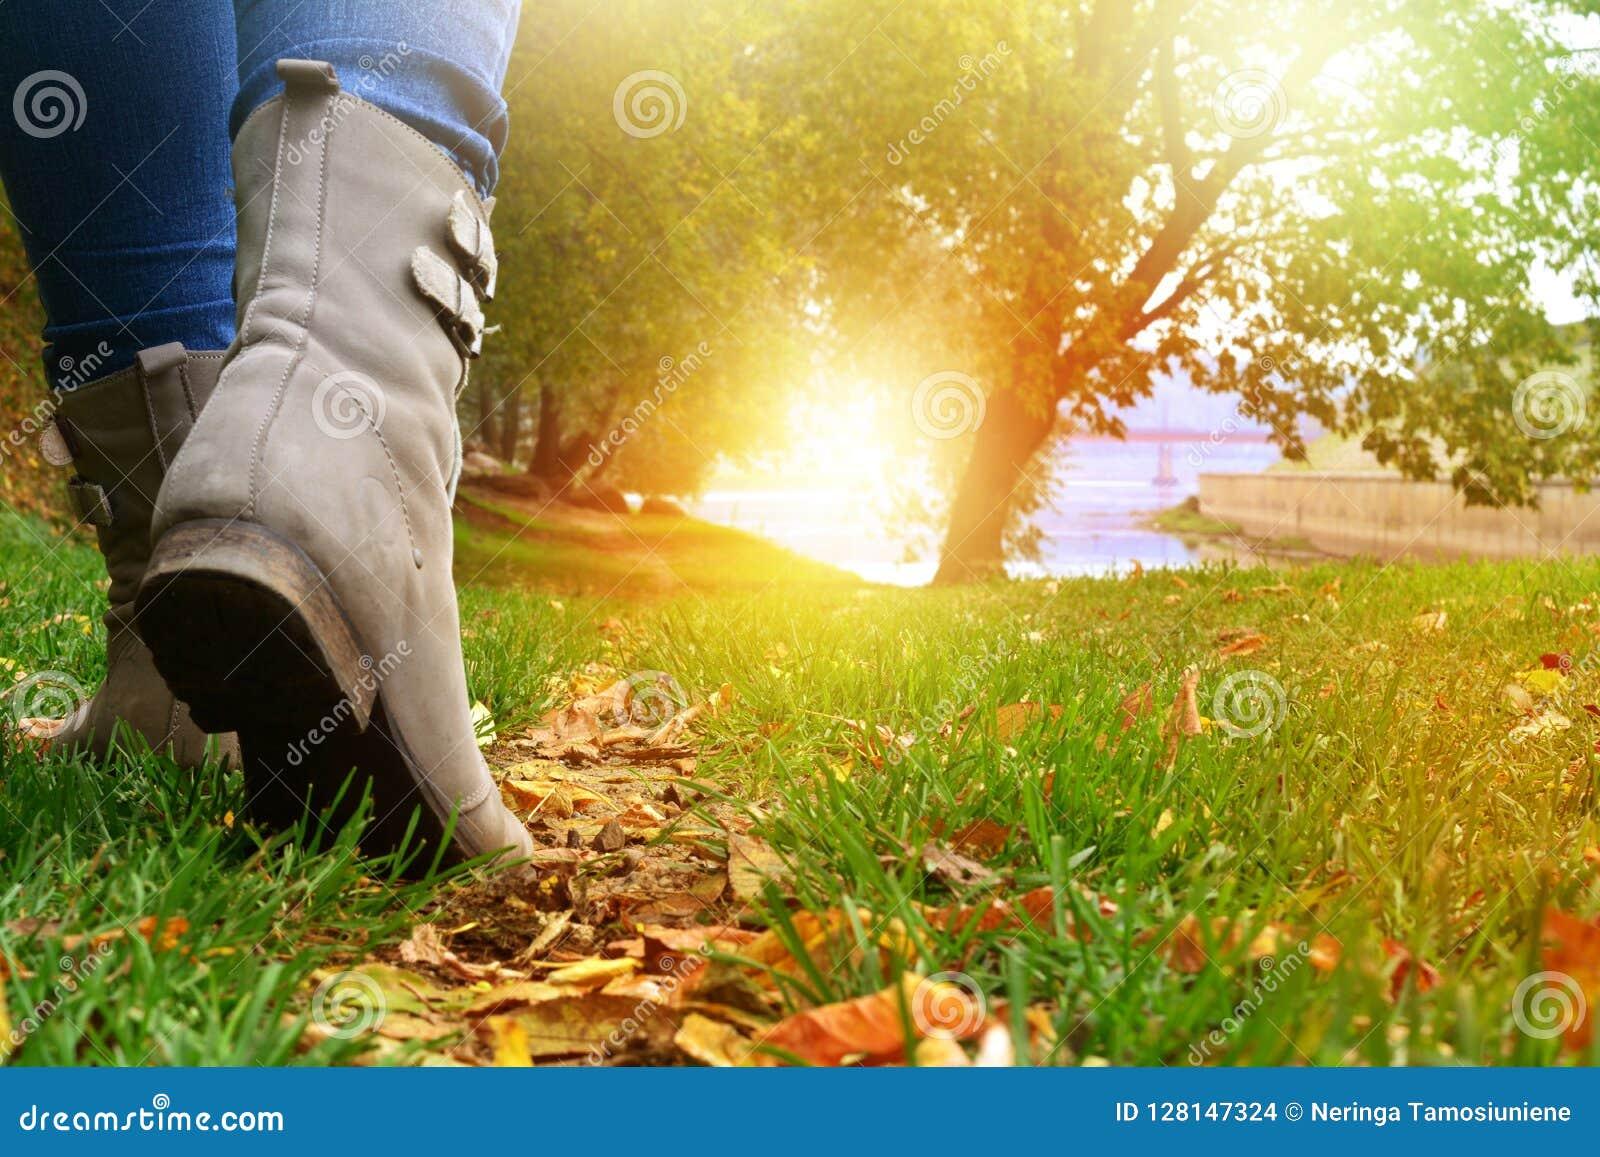 灰色鞋子和牛仔裤的妇女走在秋天森林道路的